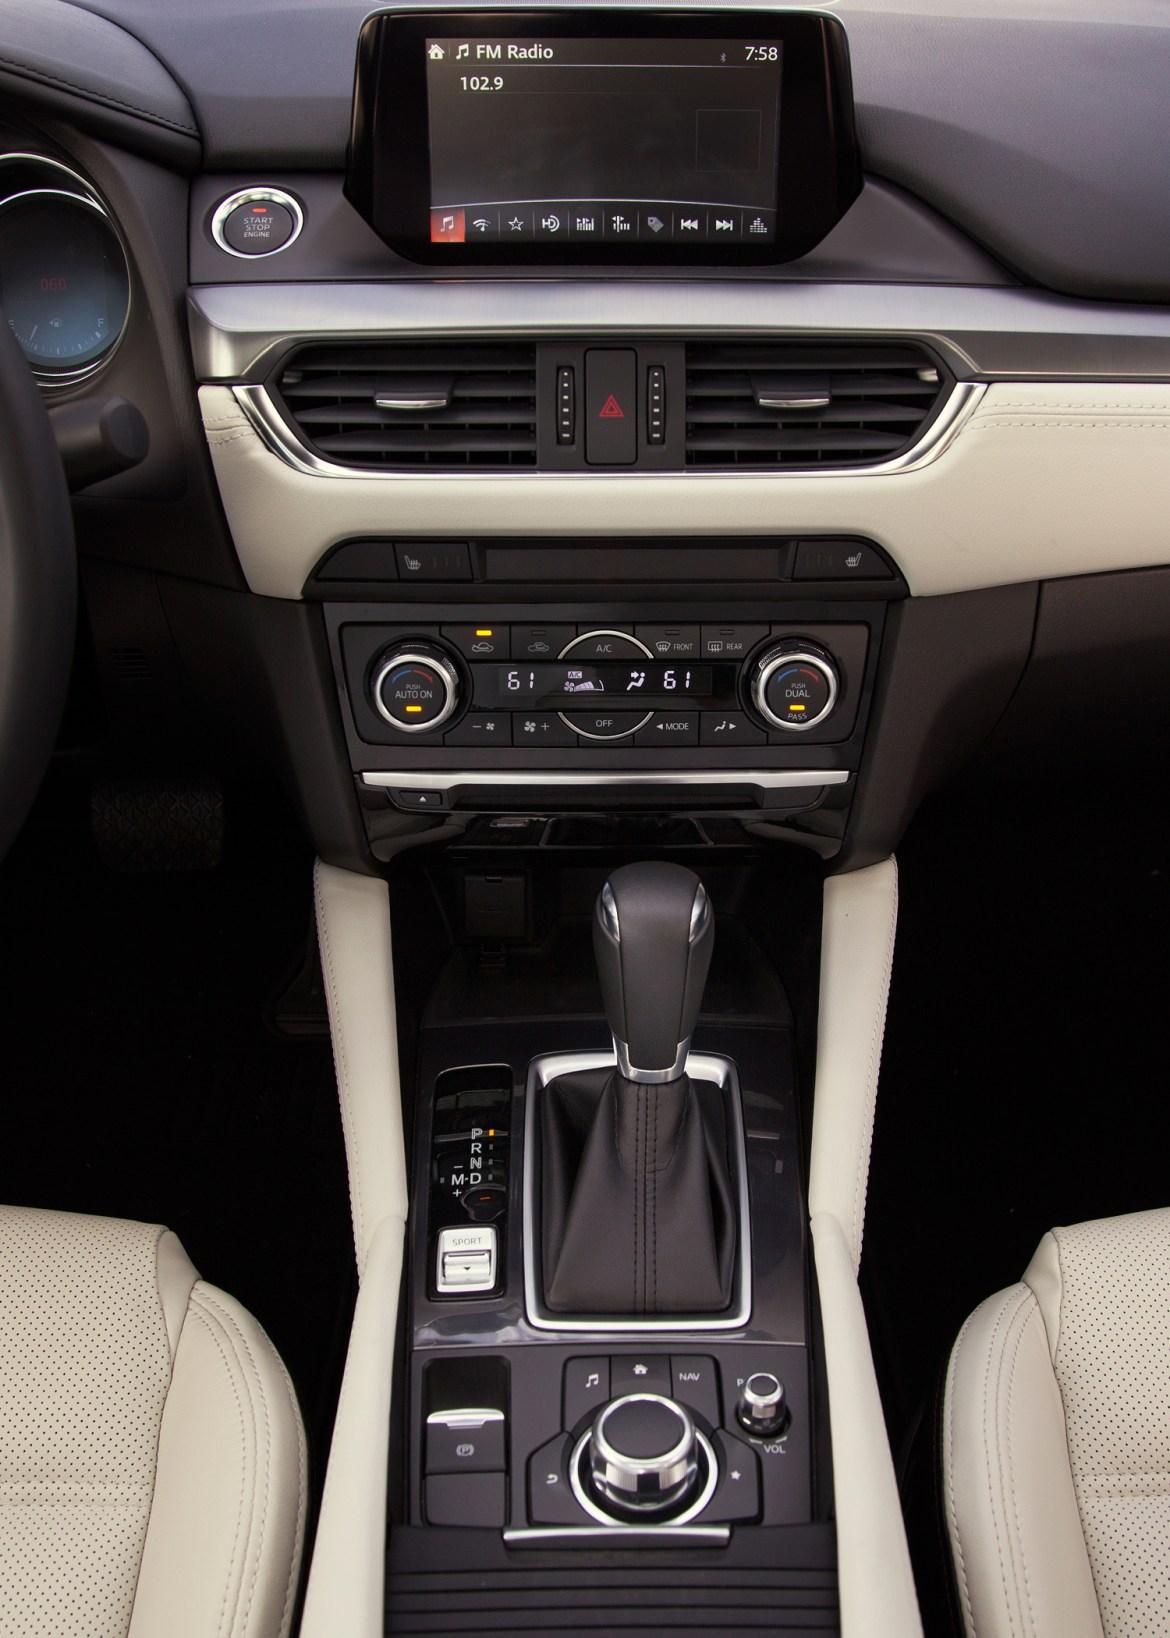 2016-Mazda6-center-stack1